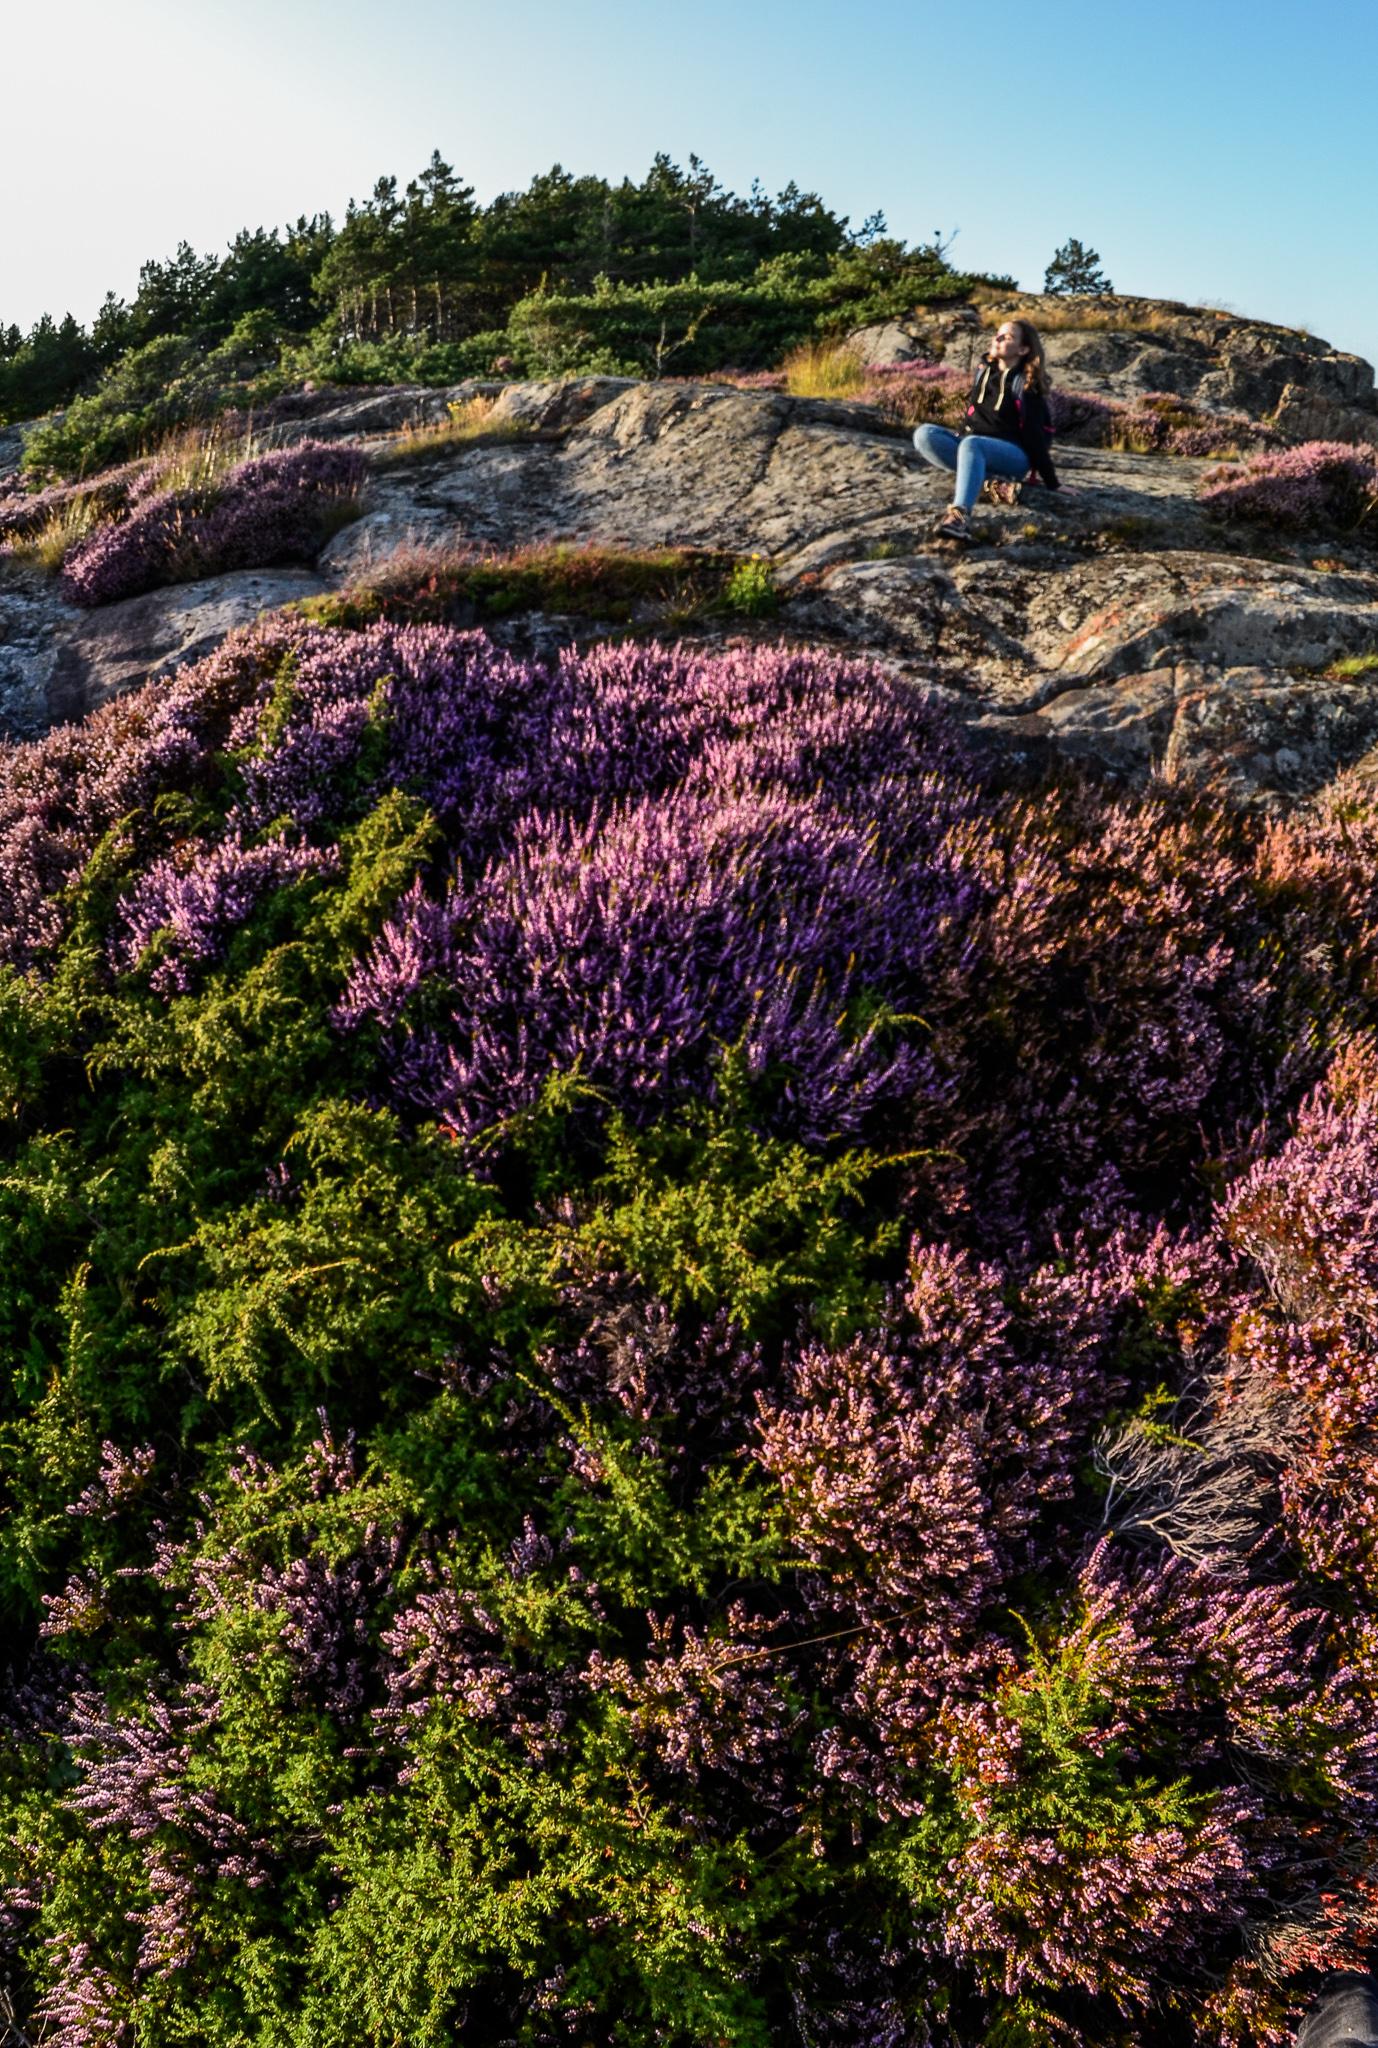 Norweskie wyspy: Kalvoya, Sandoya, Grundesundholmen